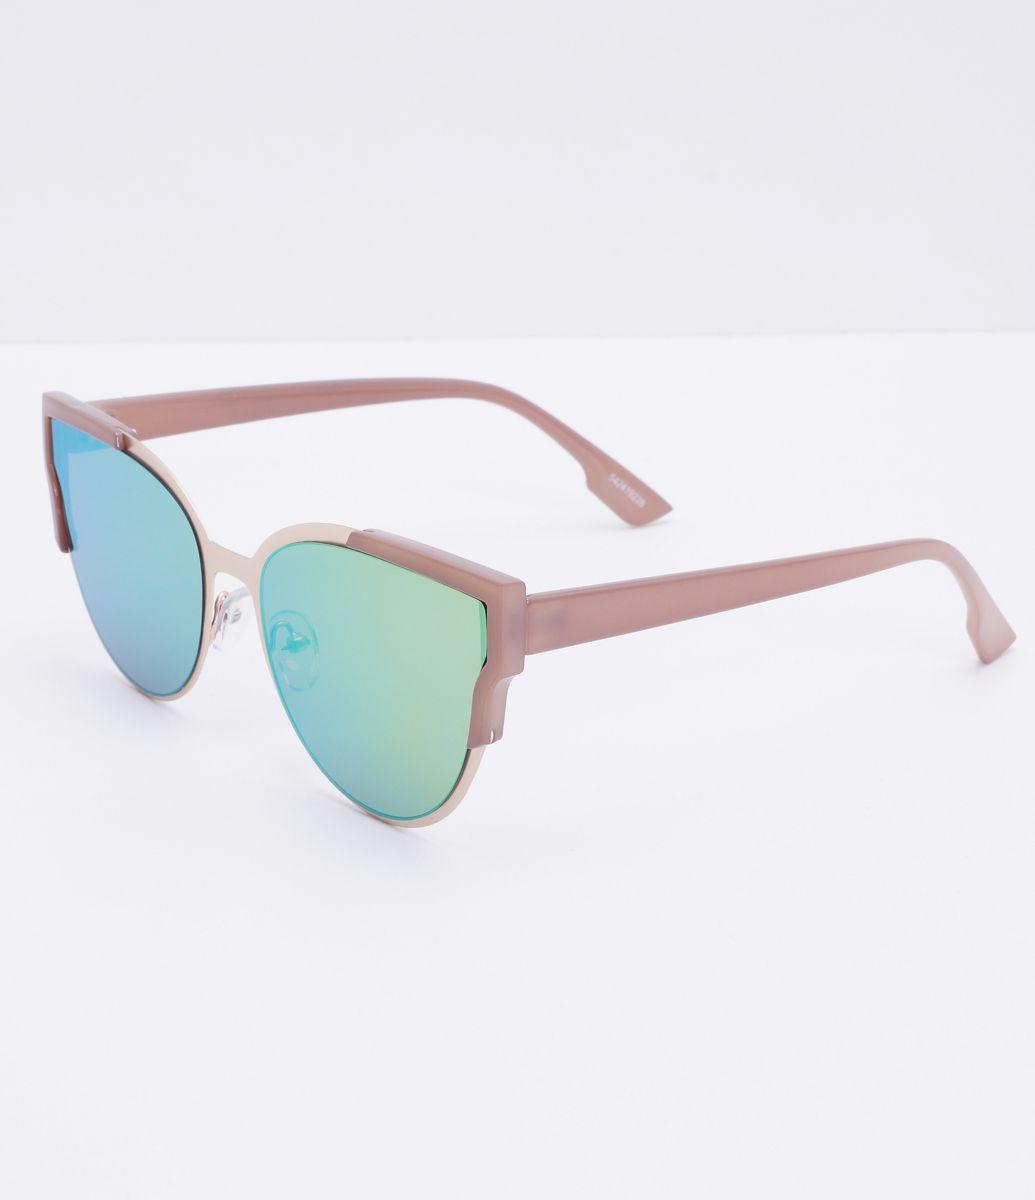 141b86a3c6c46 Óculos de sol feminino Modelo gateado Hastes em acetato Lentes fumê  Proteção contra raios UVA